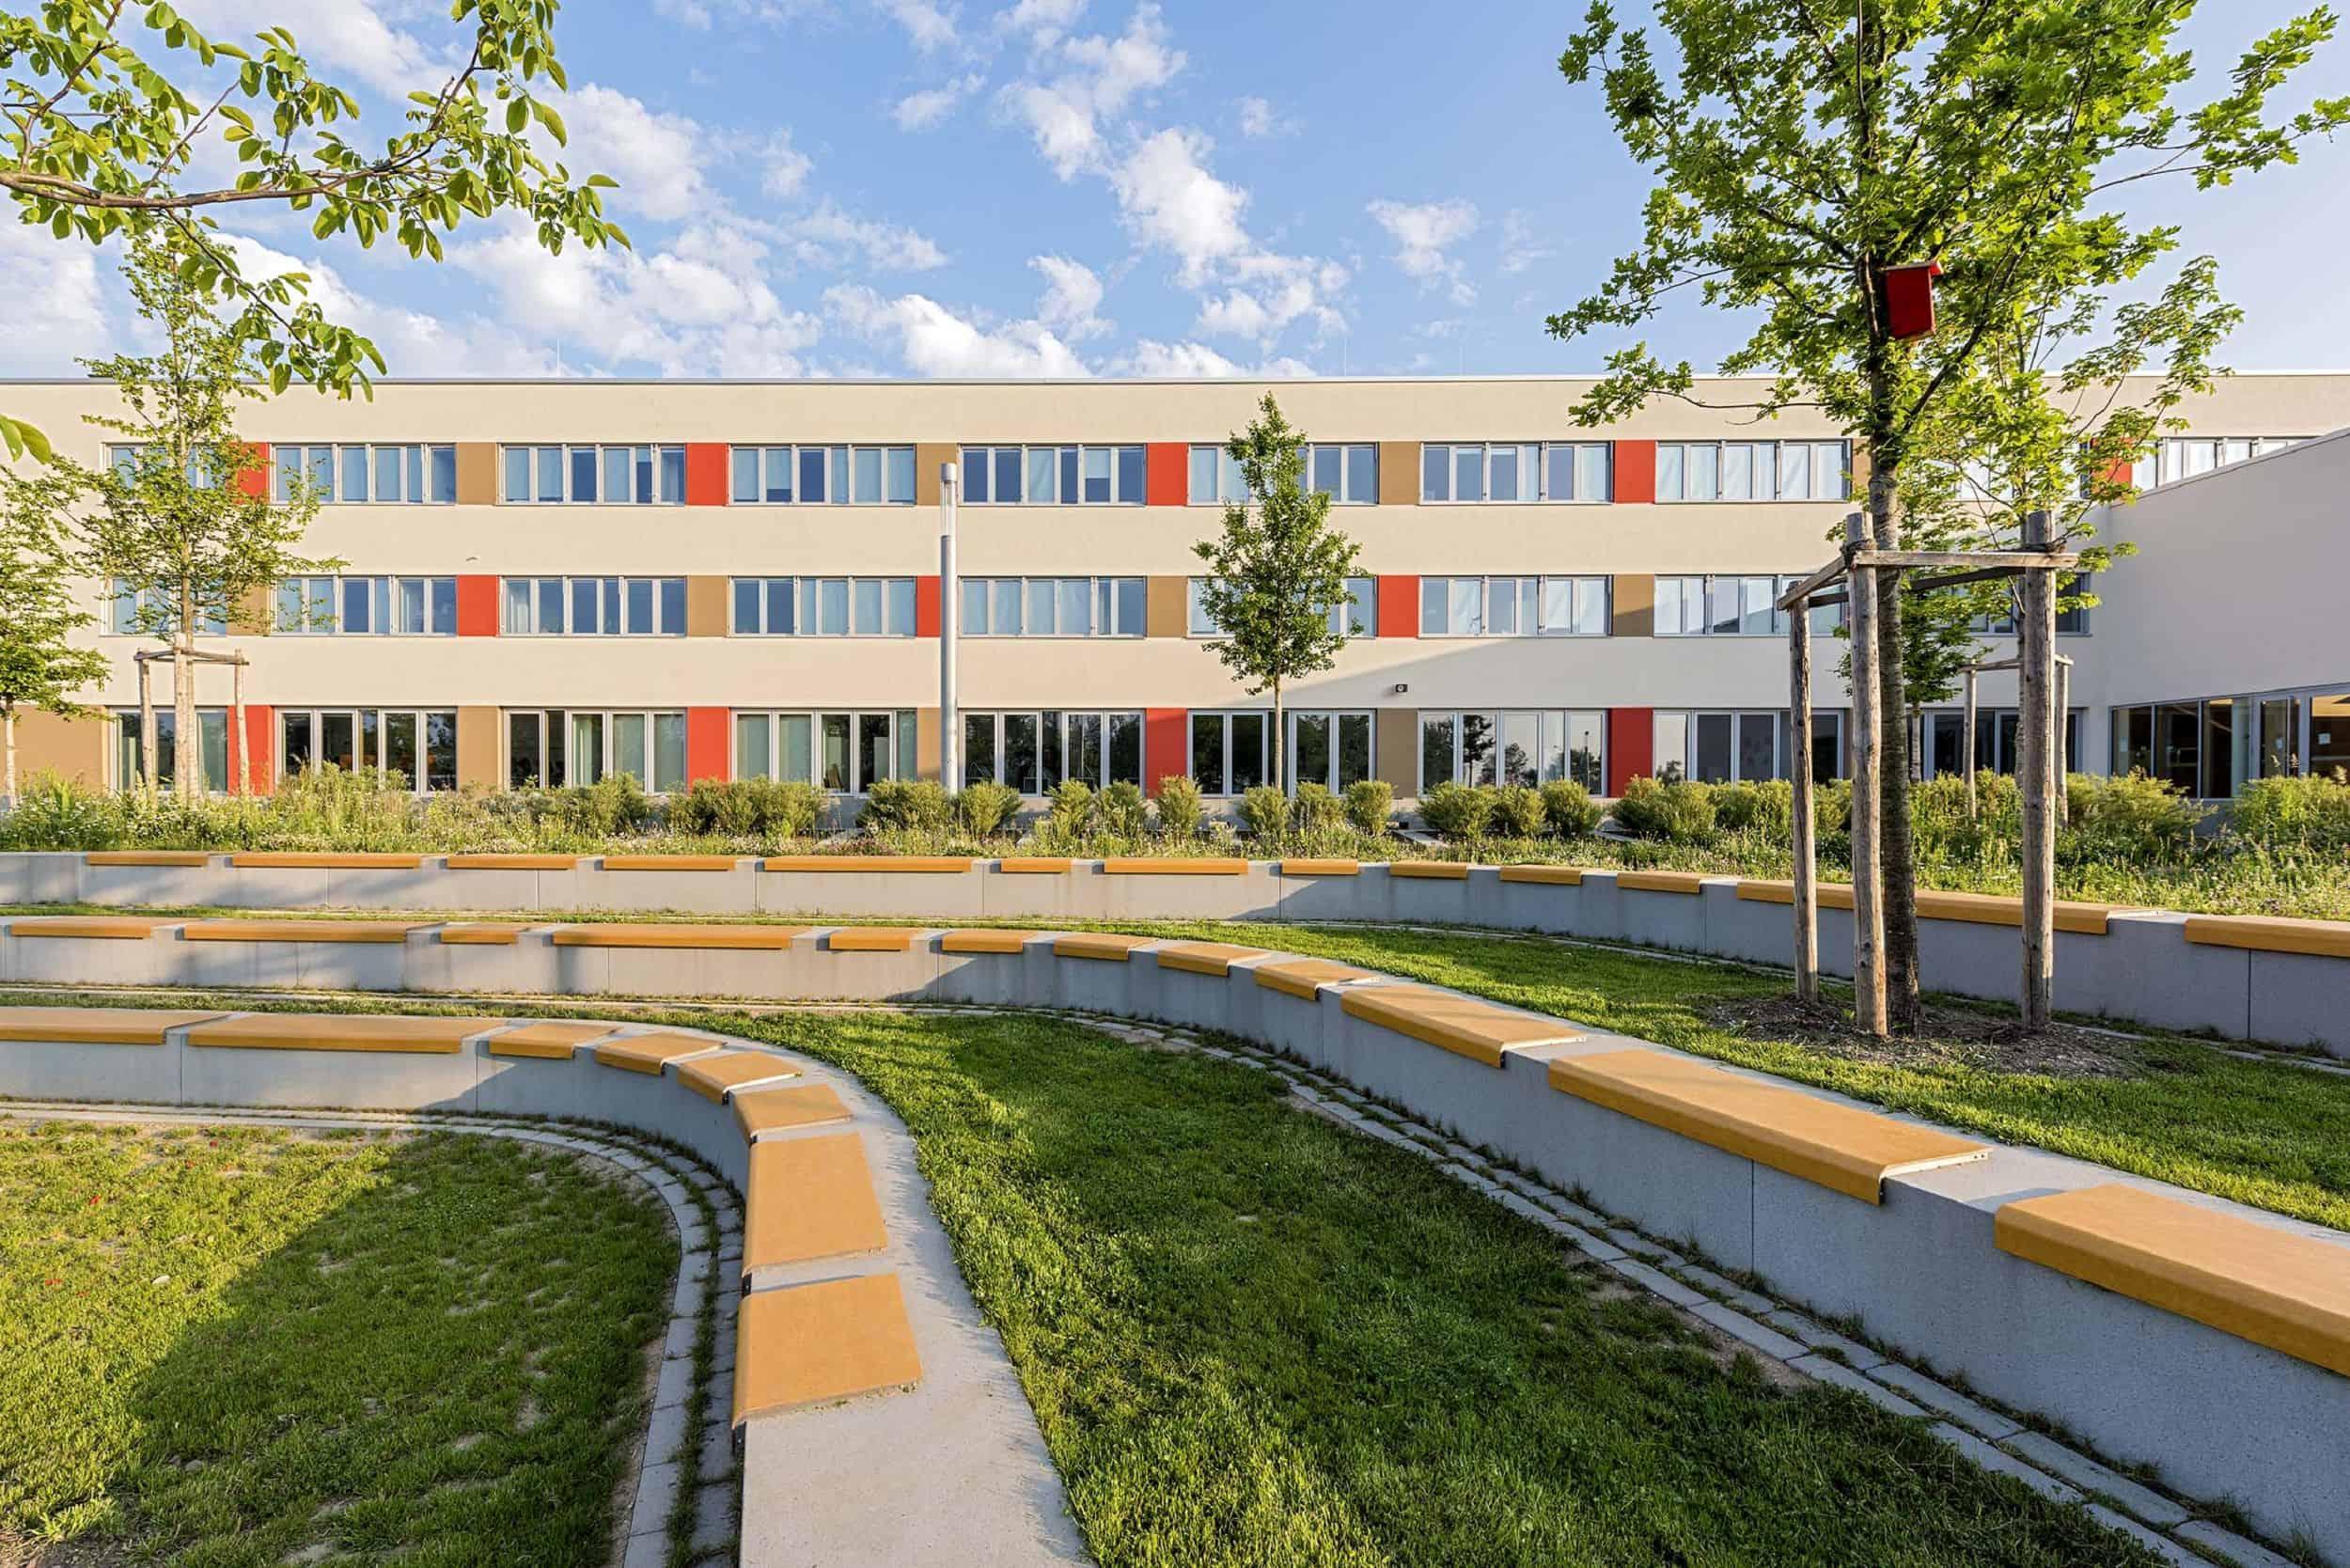 Bild: Grünes Klassenzimmer im Schulhof, Foto: Johann Hinrichs Photography